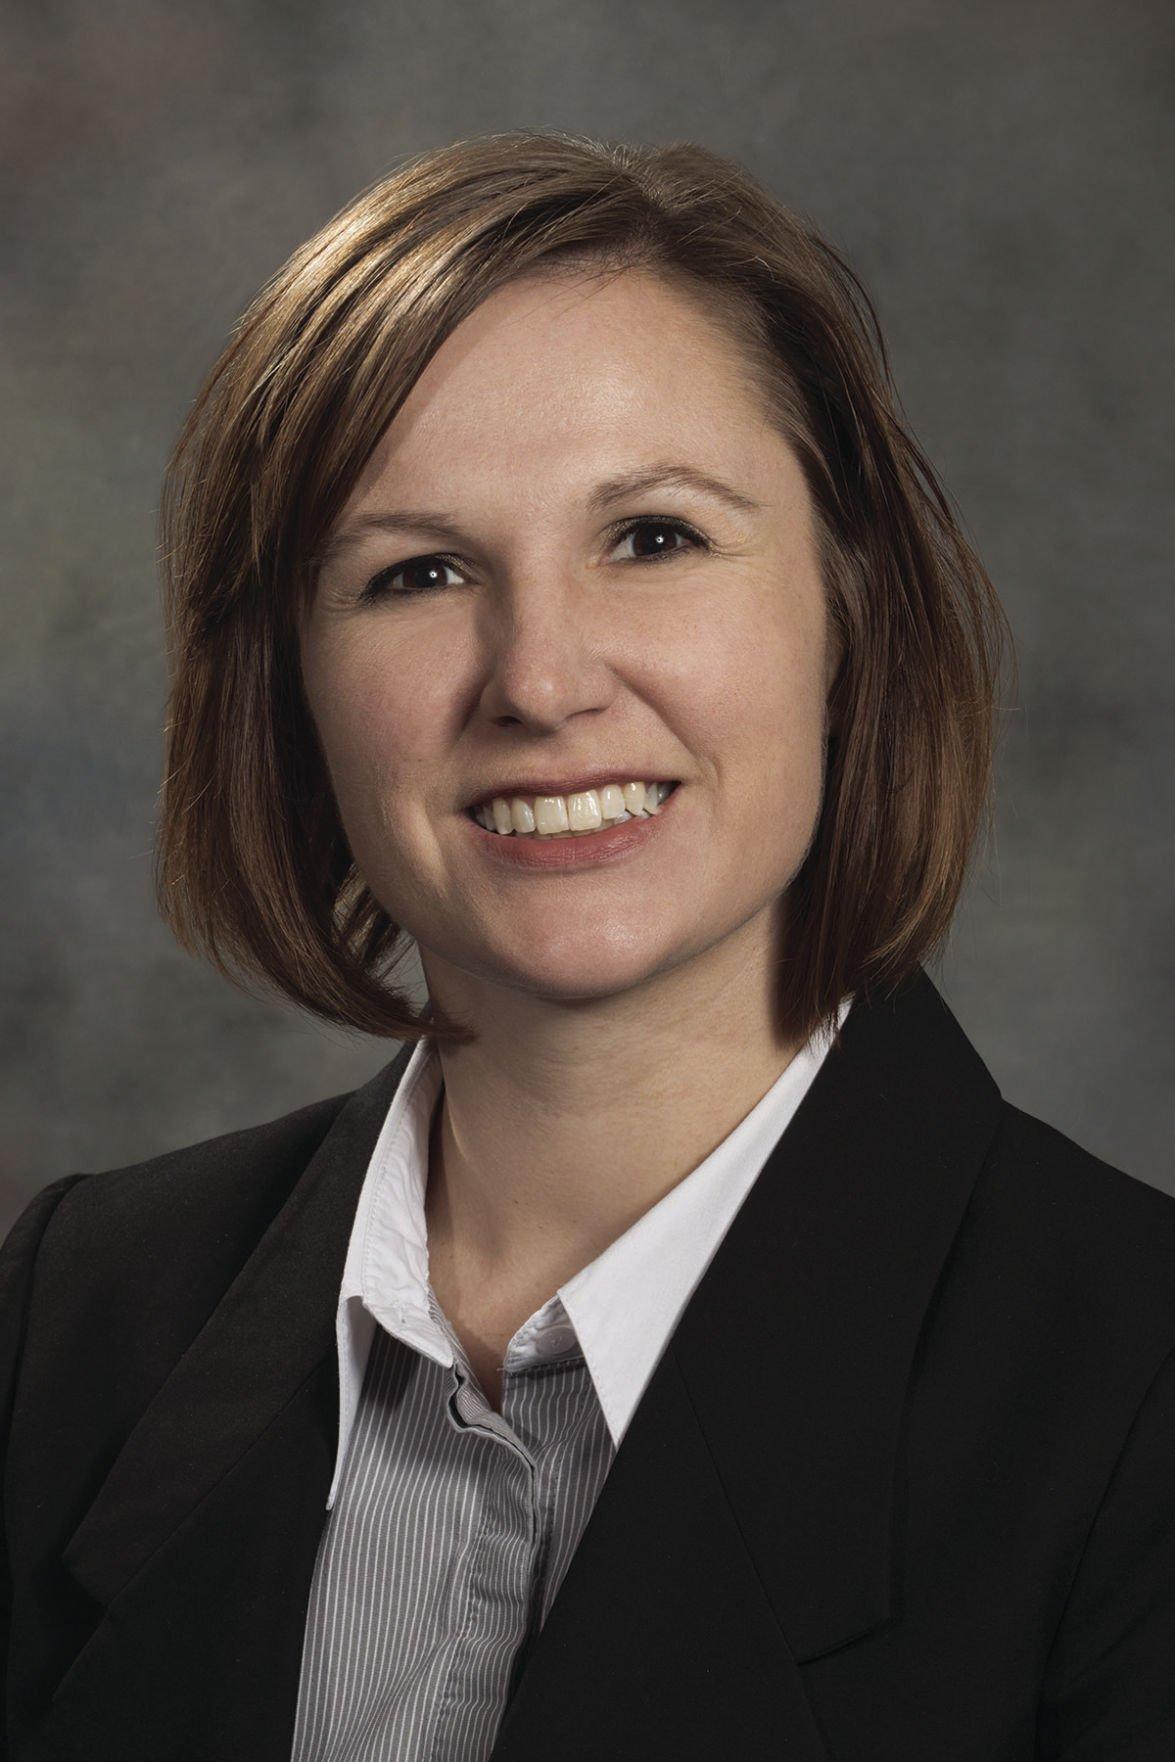 State Sen. Kate Bolz